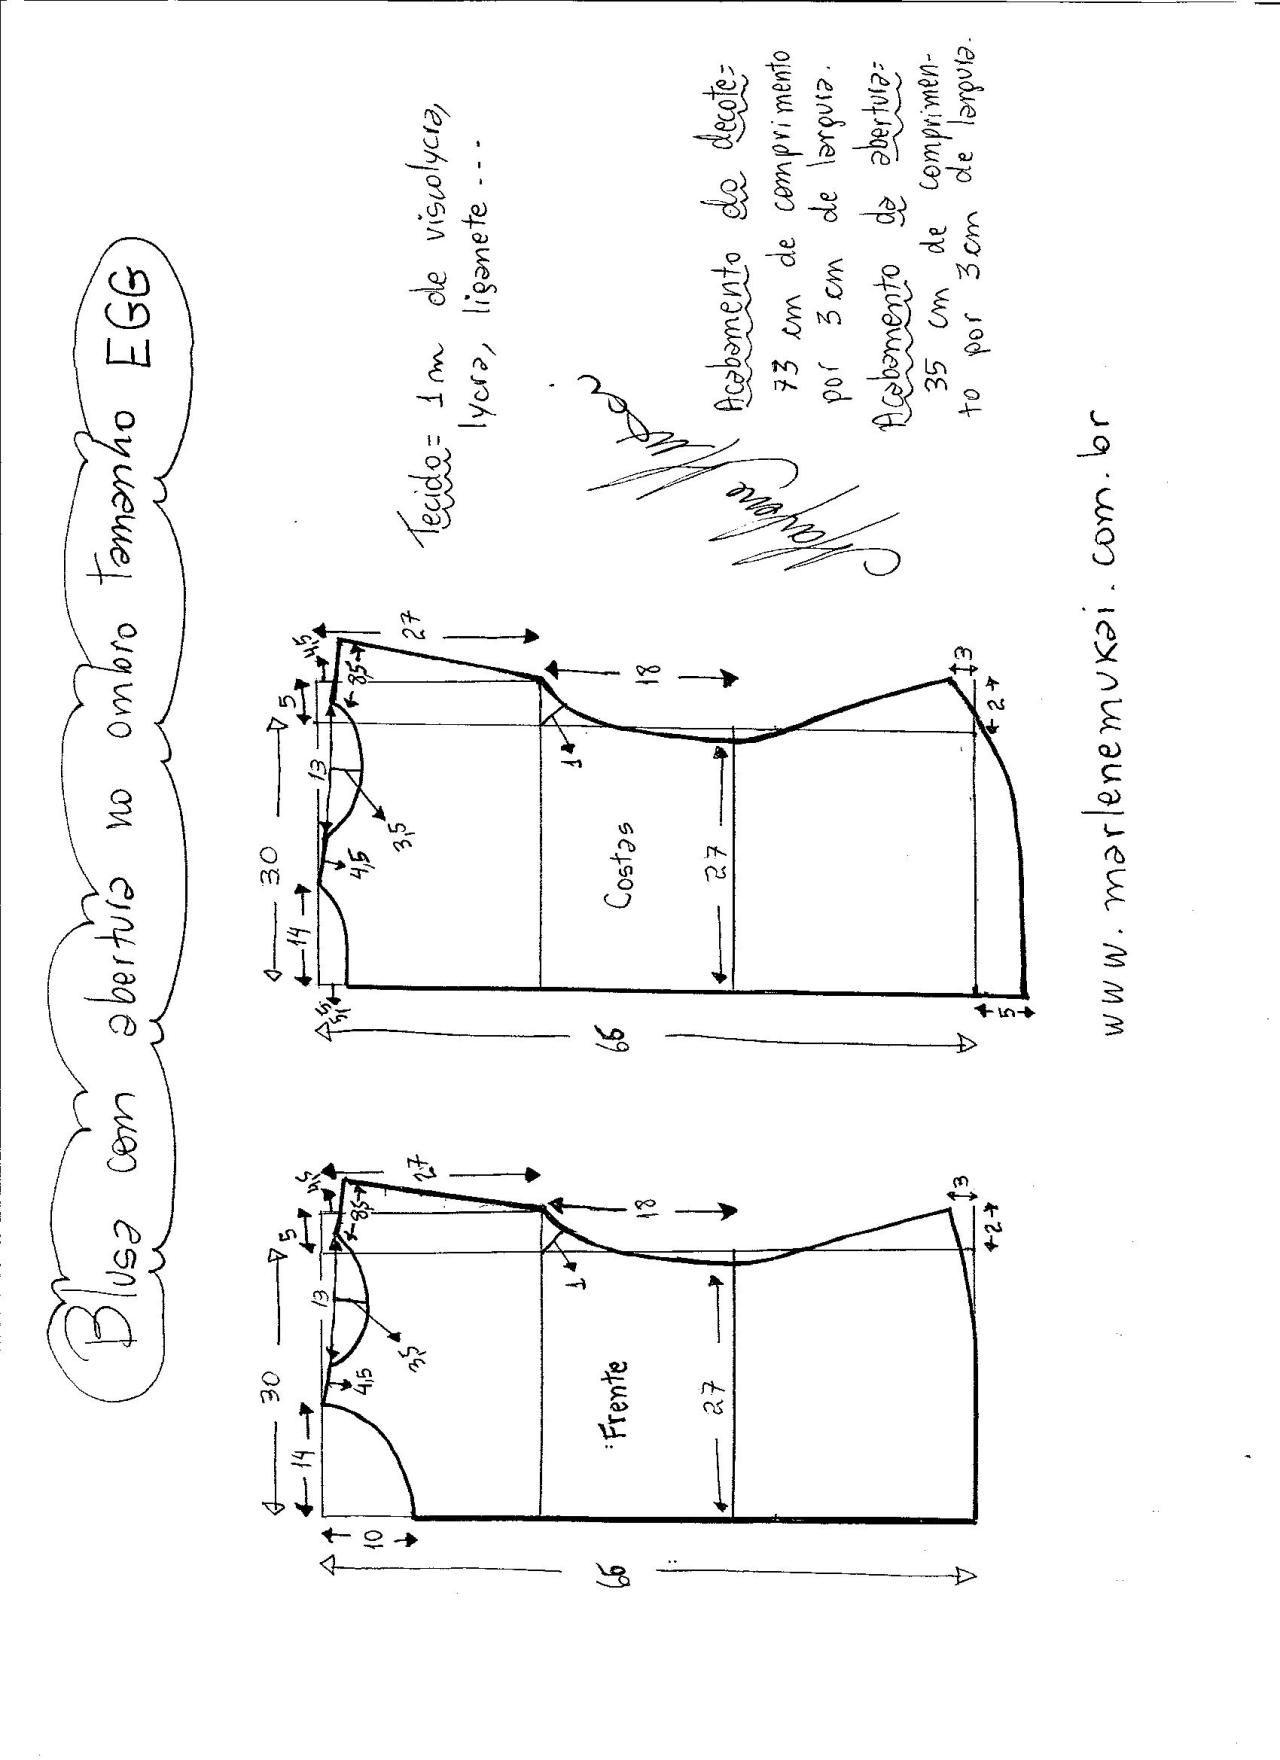 Blusa abertura en el hombro | Patronaje | 裁縫 y 洋服